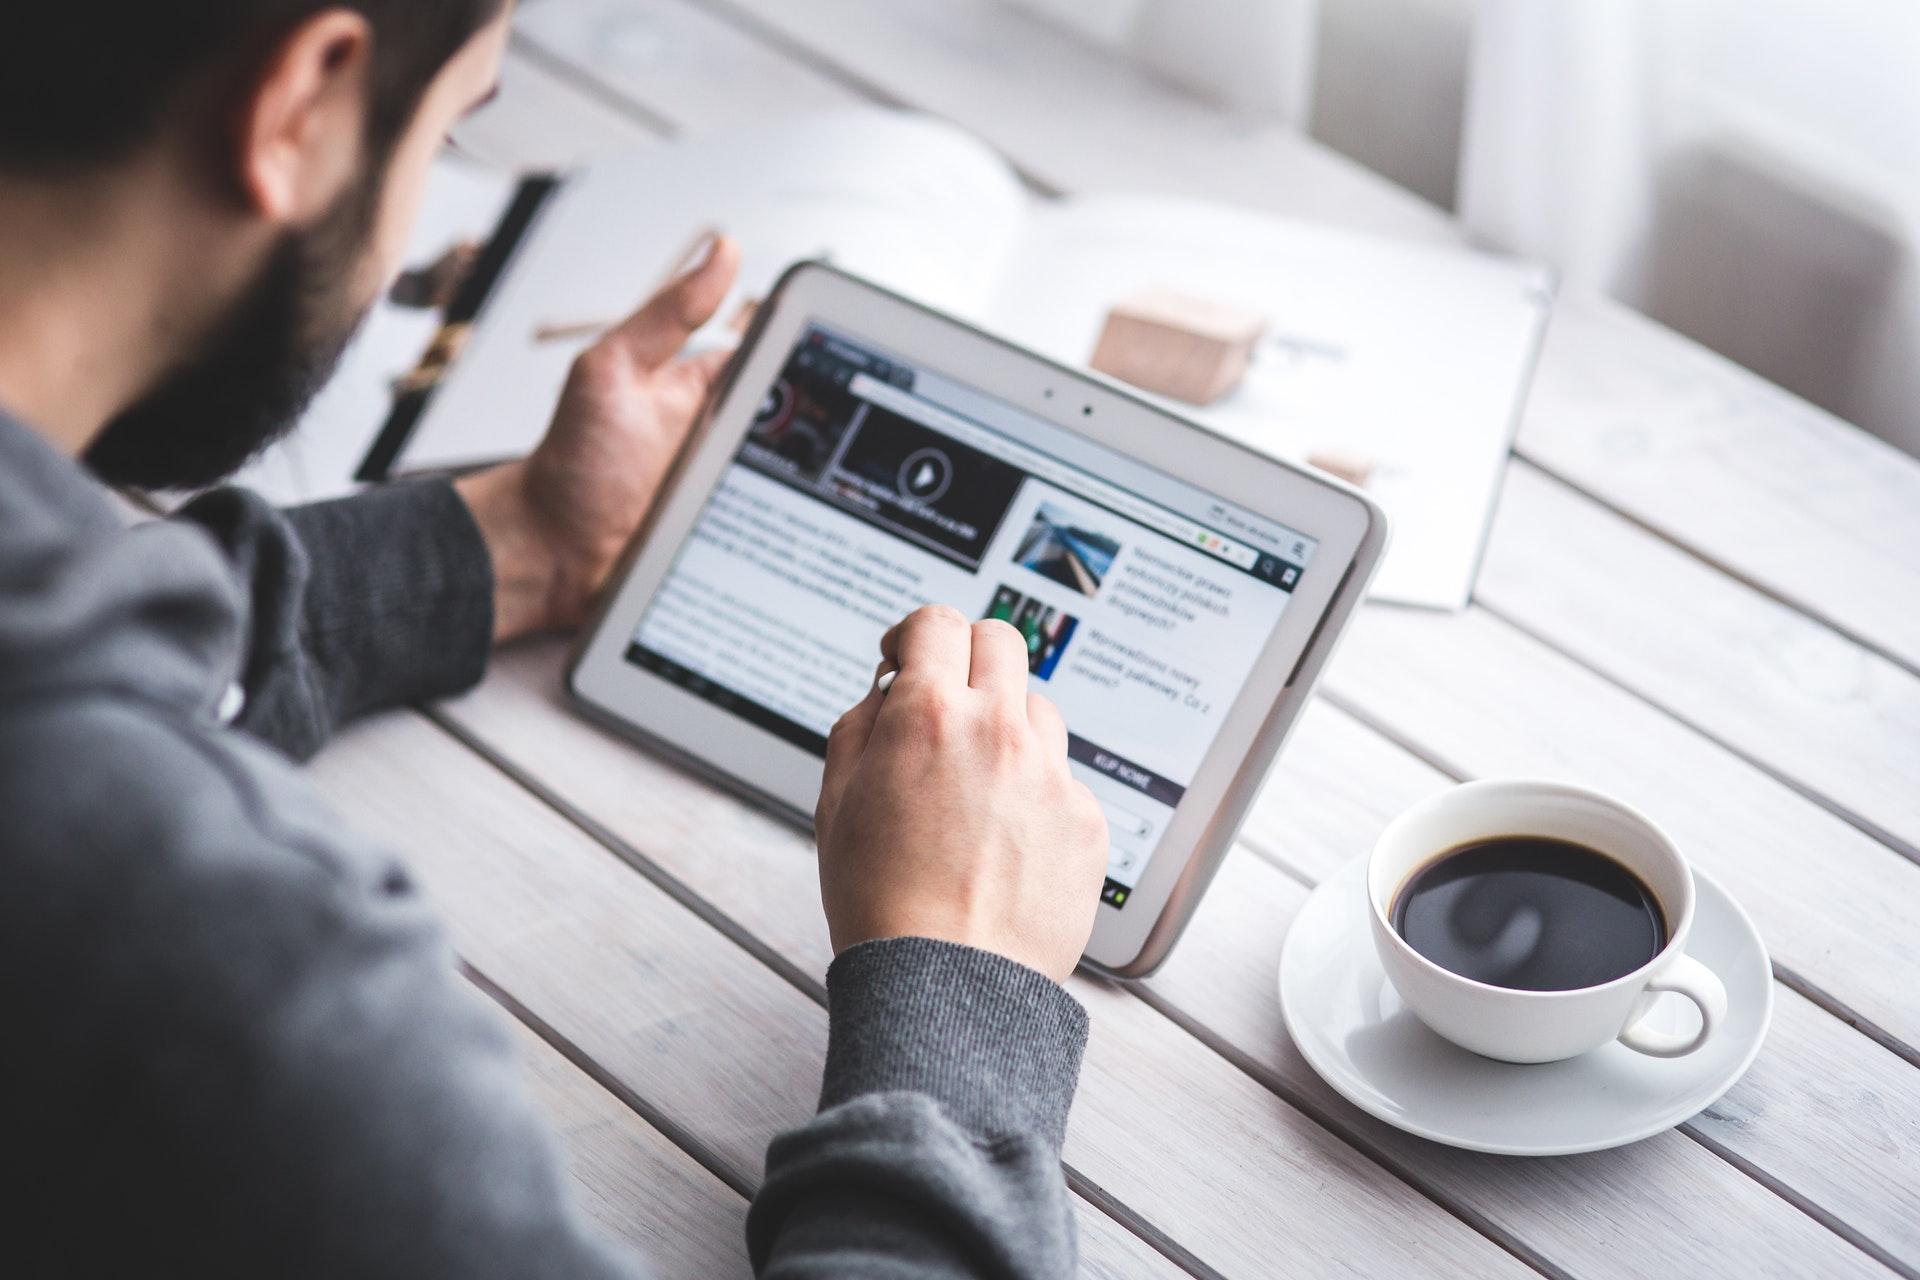 IVA-publicaciones-digitales